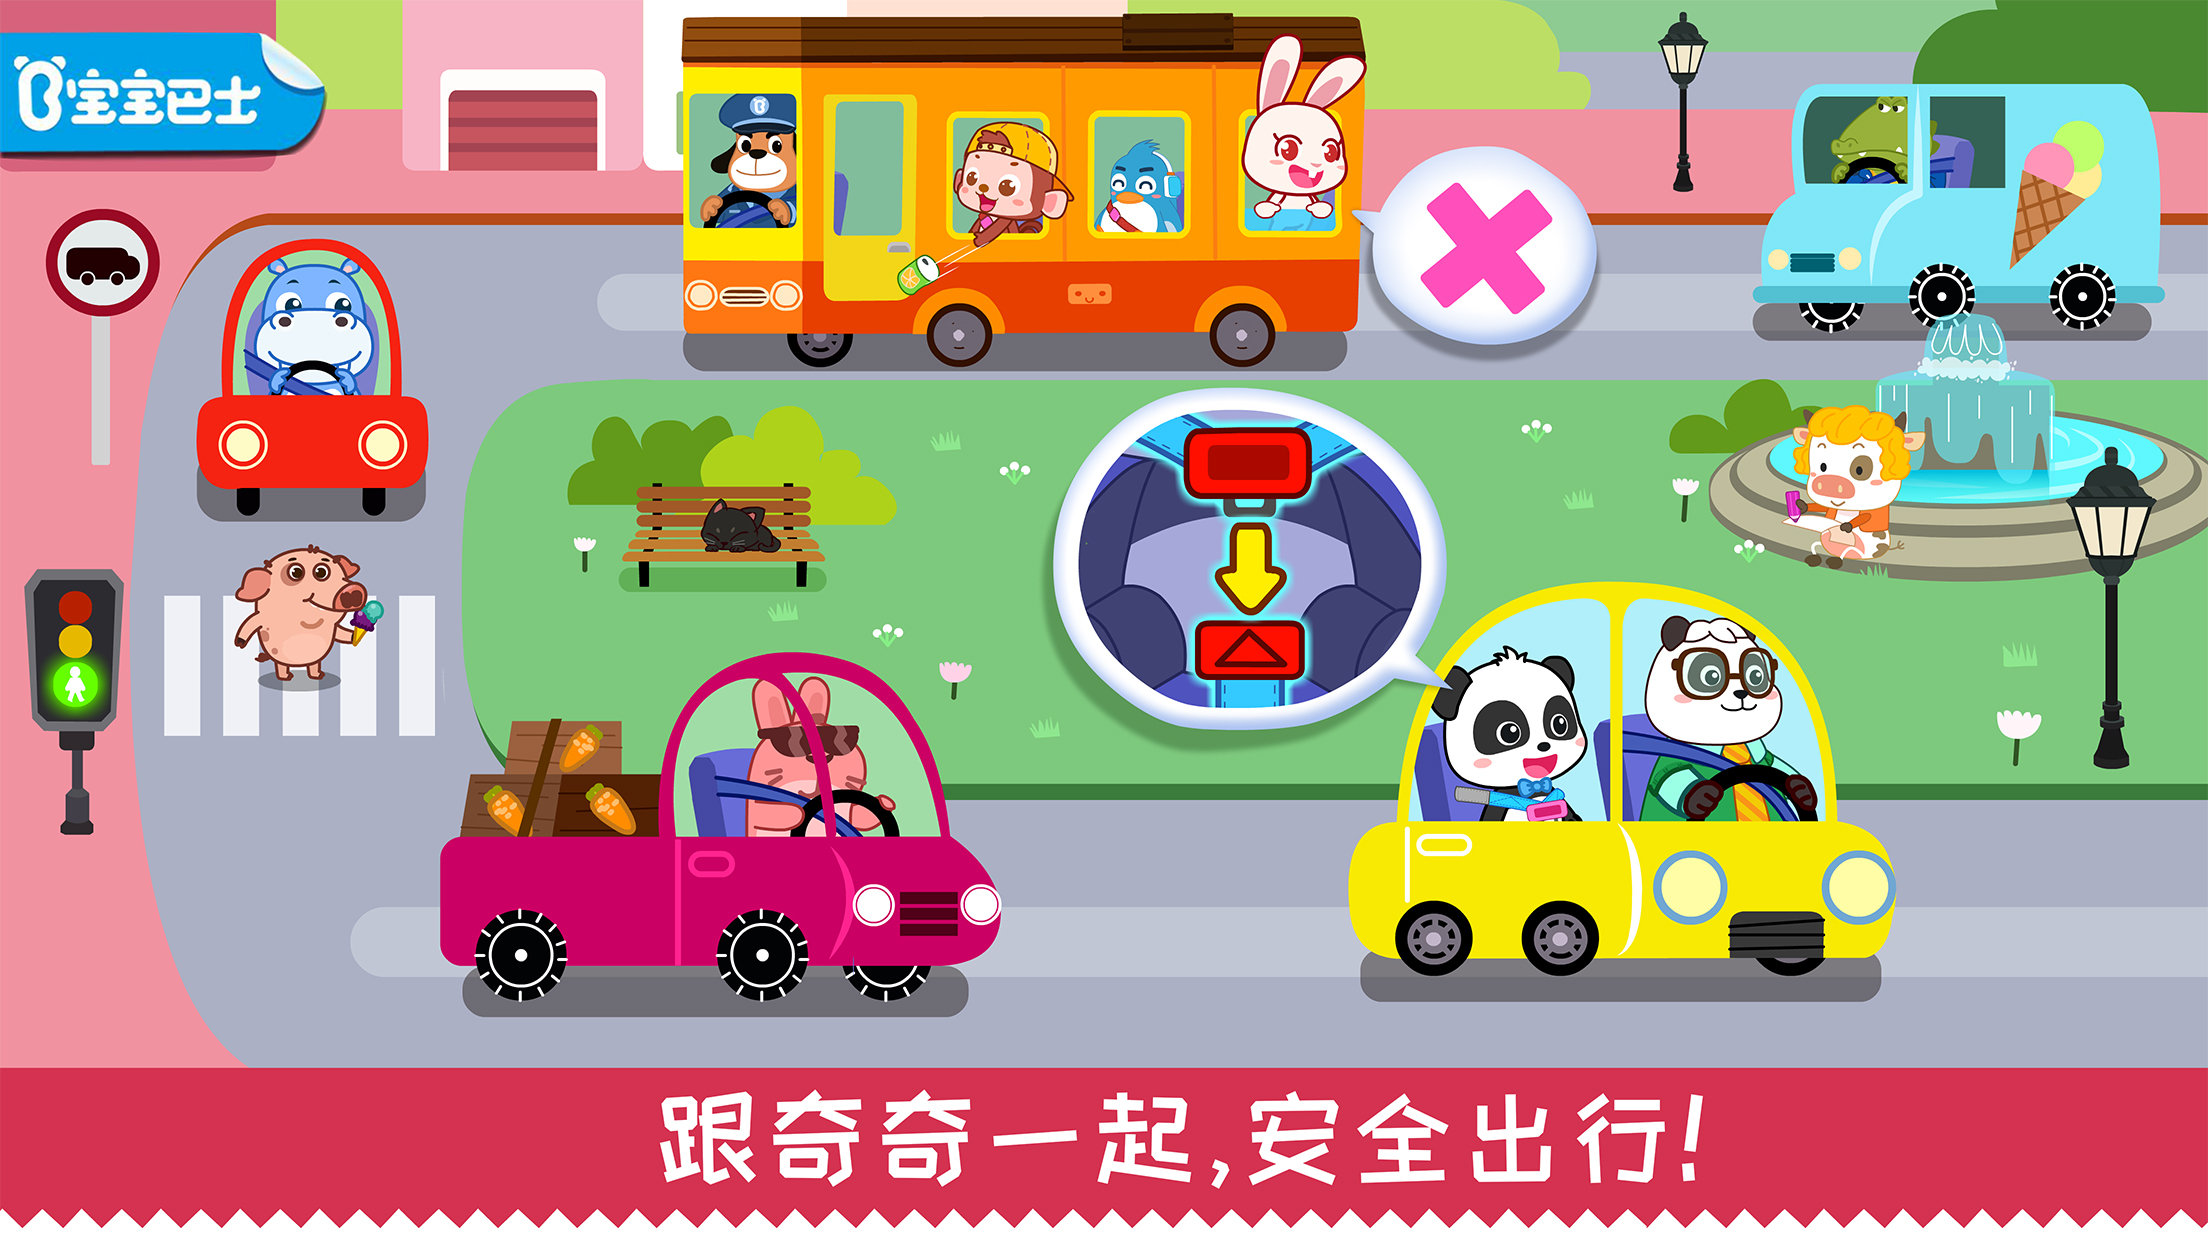 宝宝日常安全宝宝巴士游戏v9.58.10.00正式版截图3